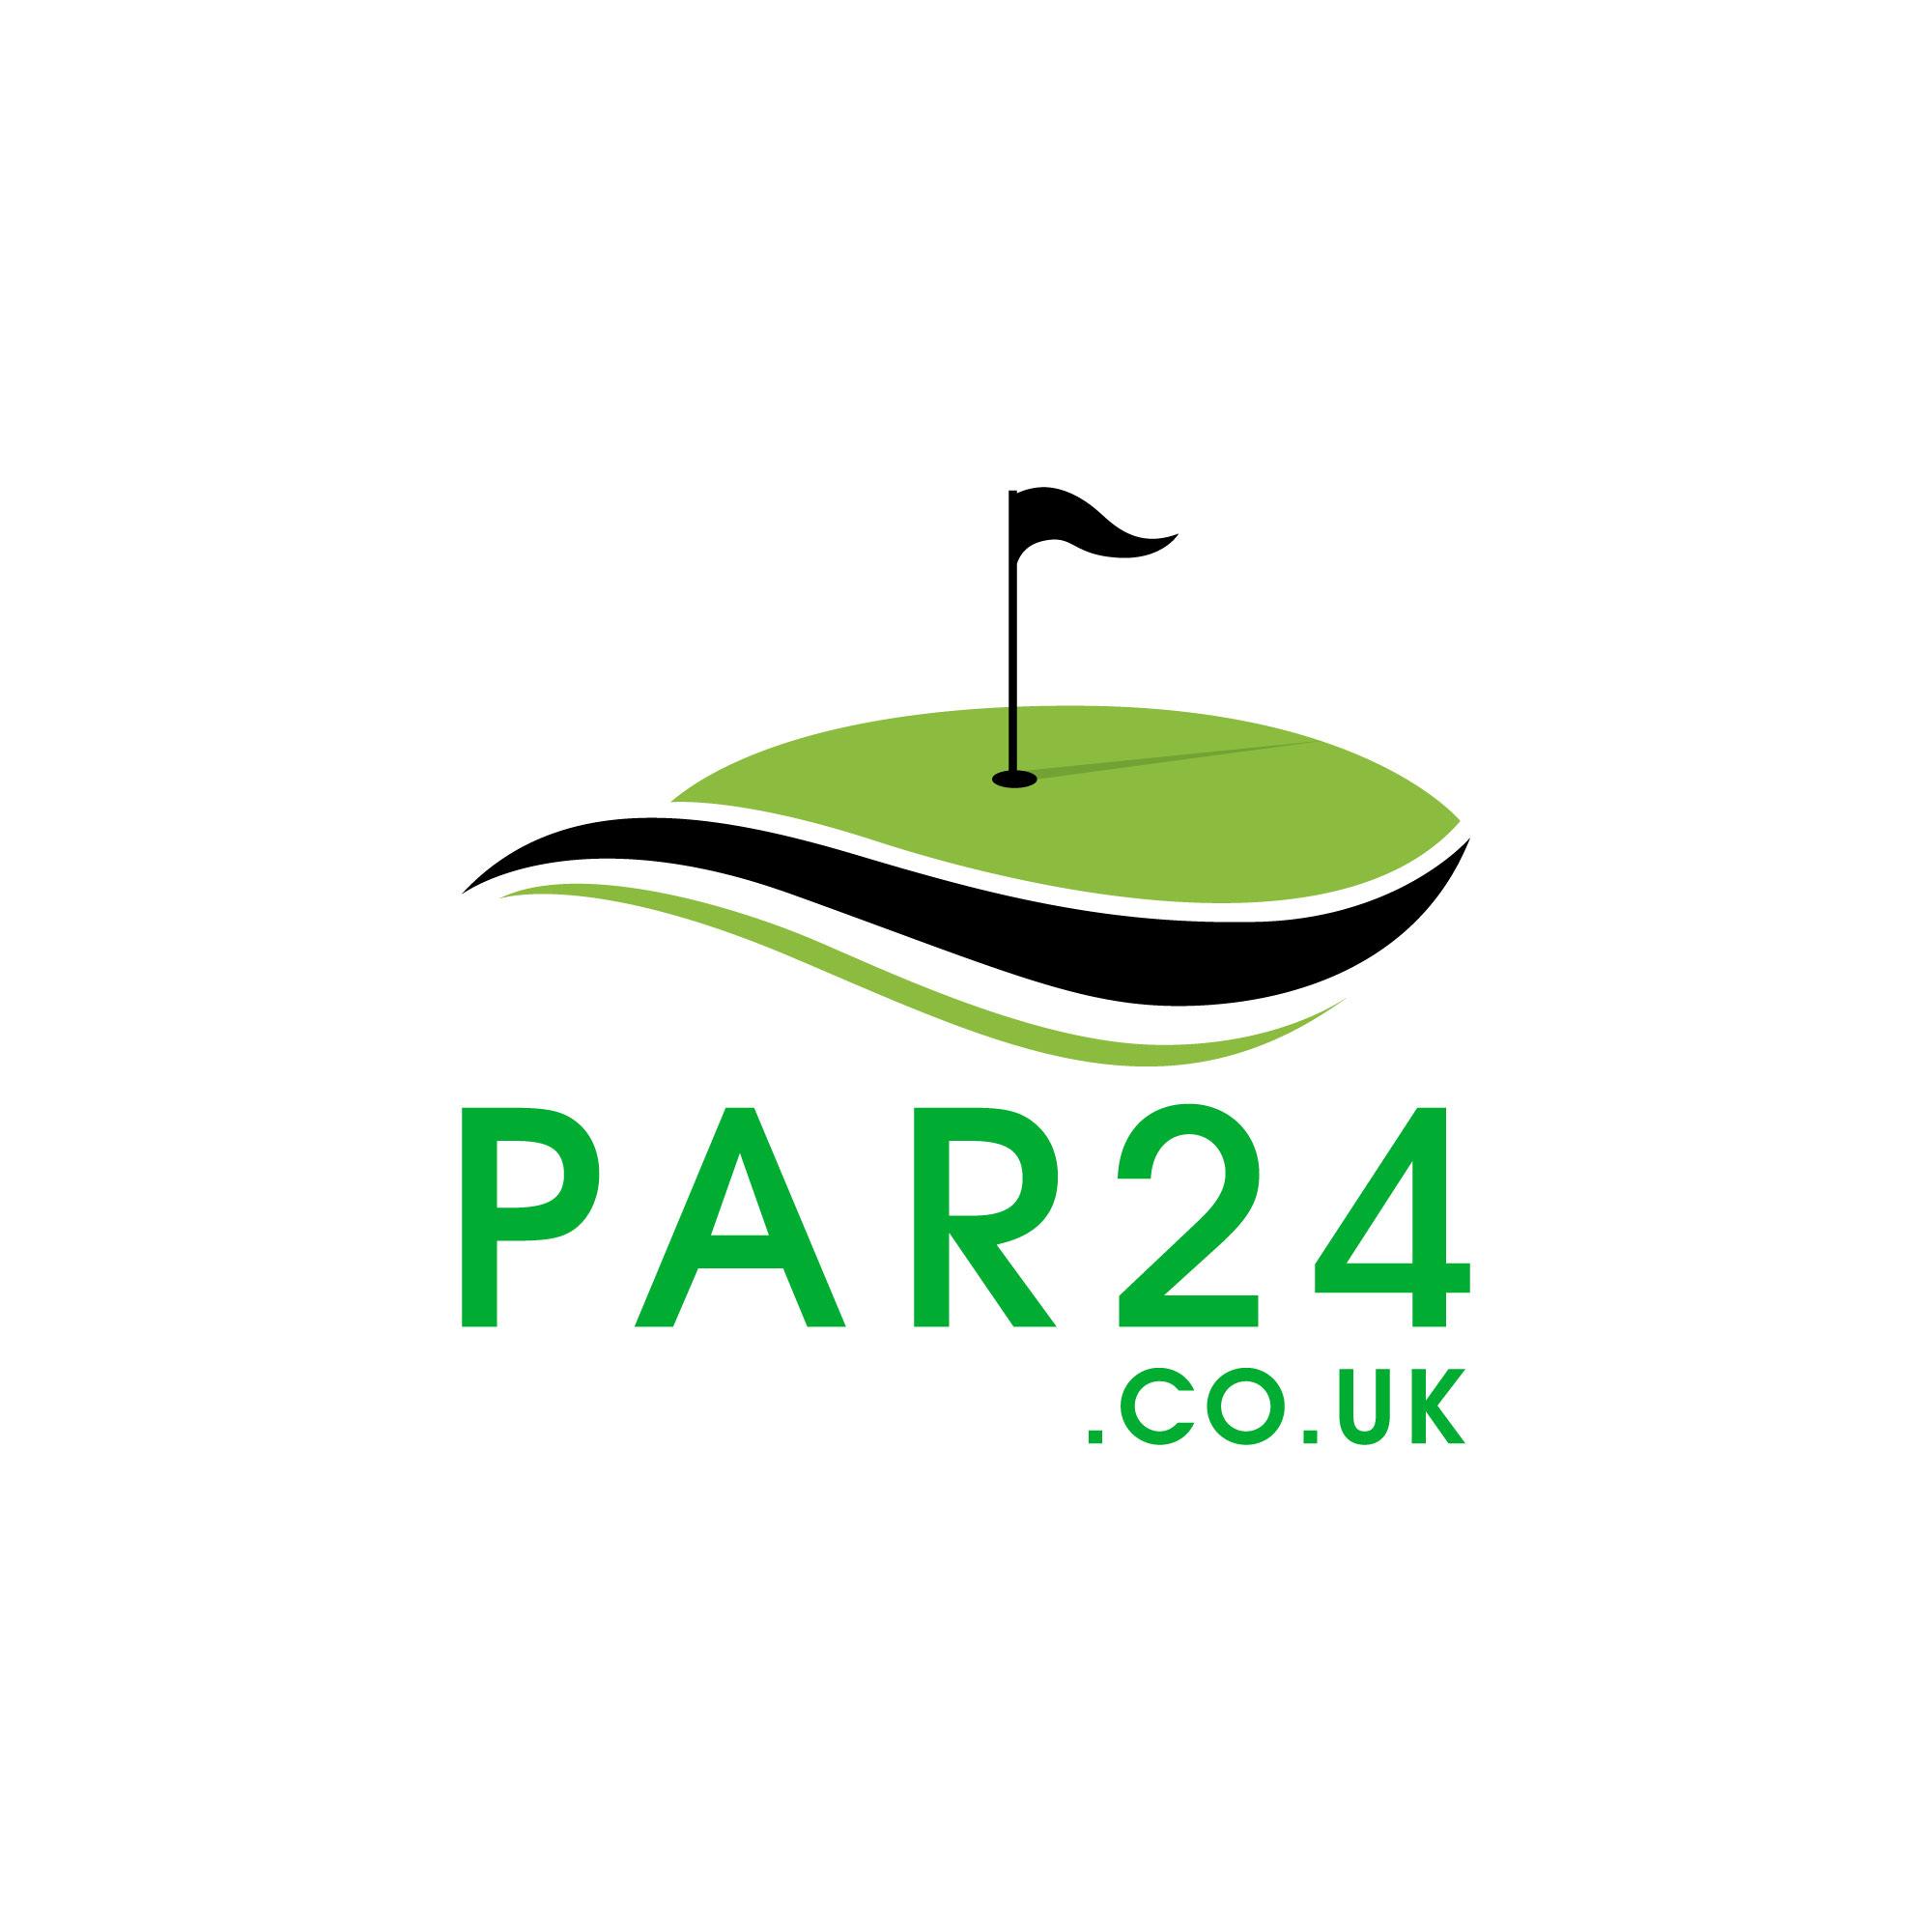 Par24